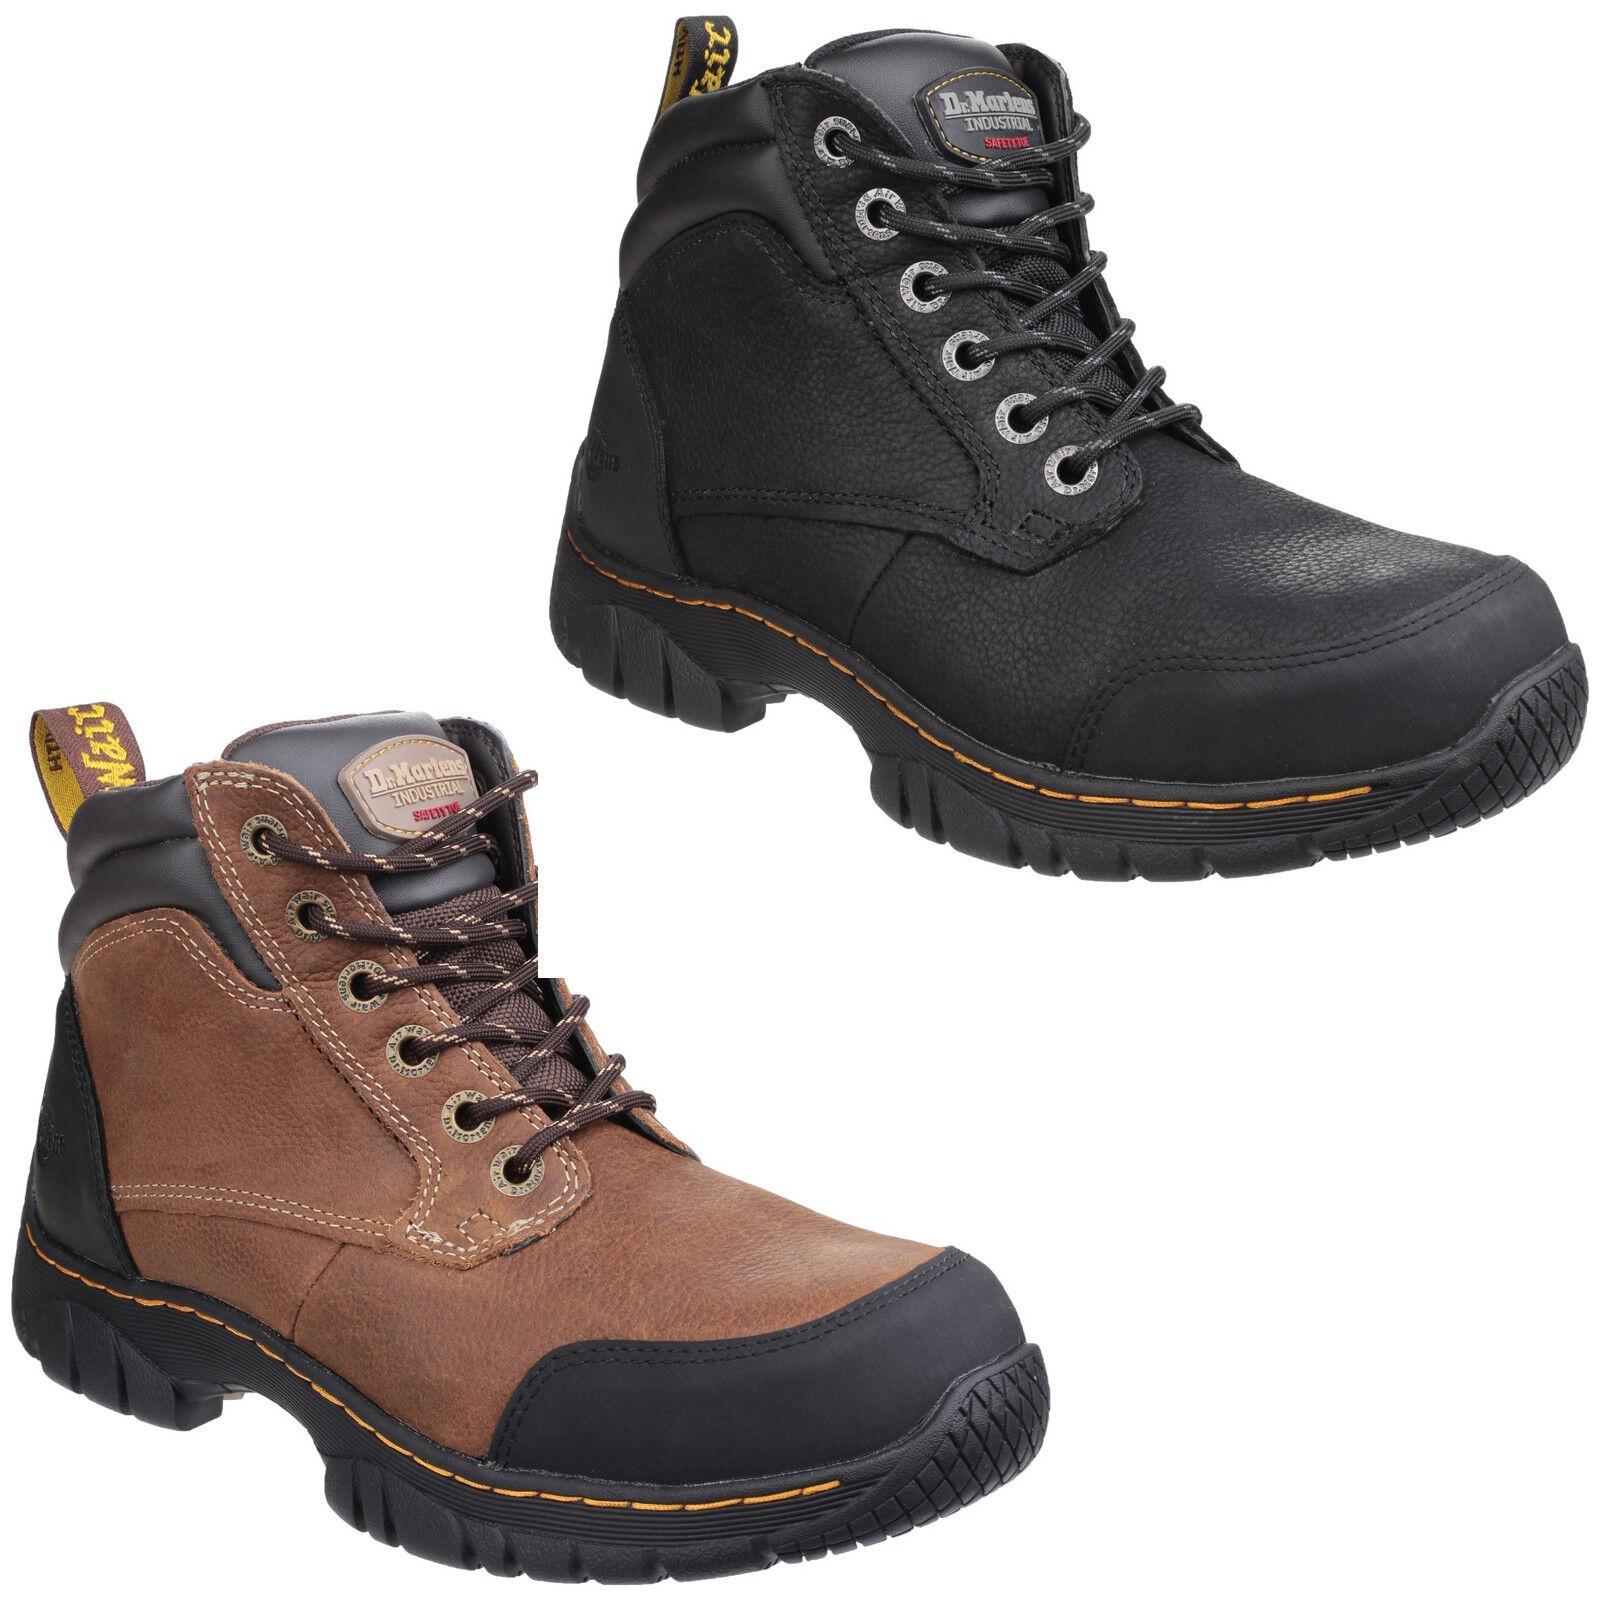 DR Martens Riverton Stivali di Sicurezza Punta Industriale in Pelle Escursionista Punta Sicurezza Lavoro Scarpe Da Uomo 803cf2